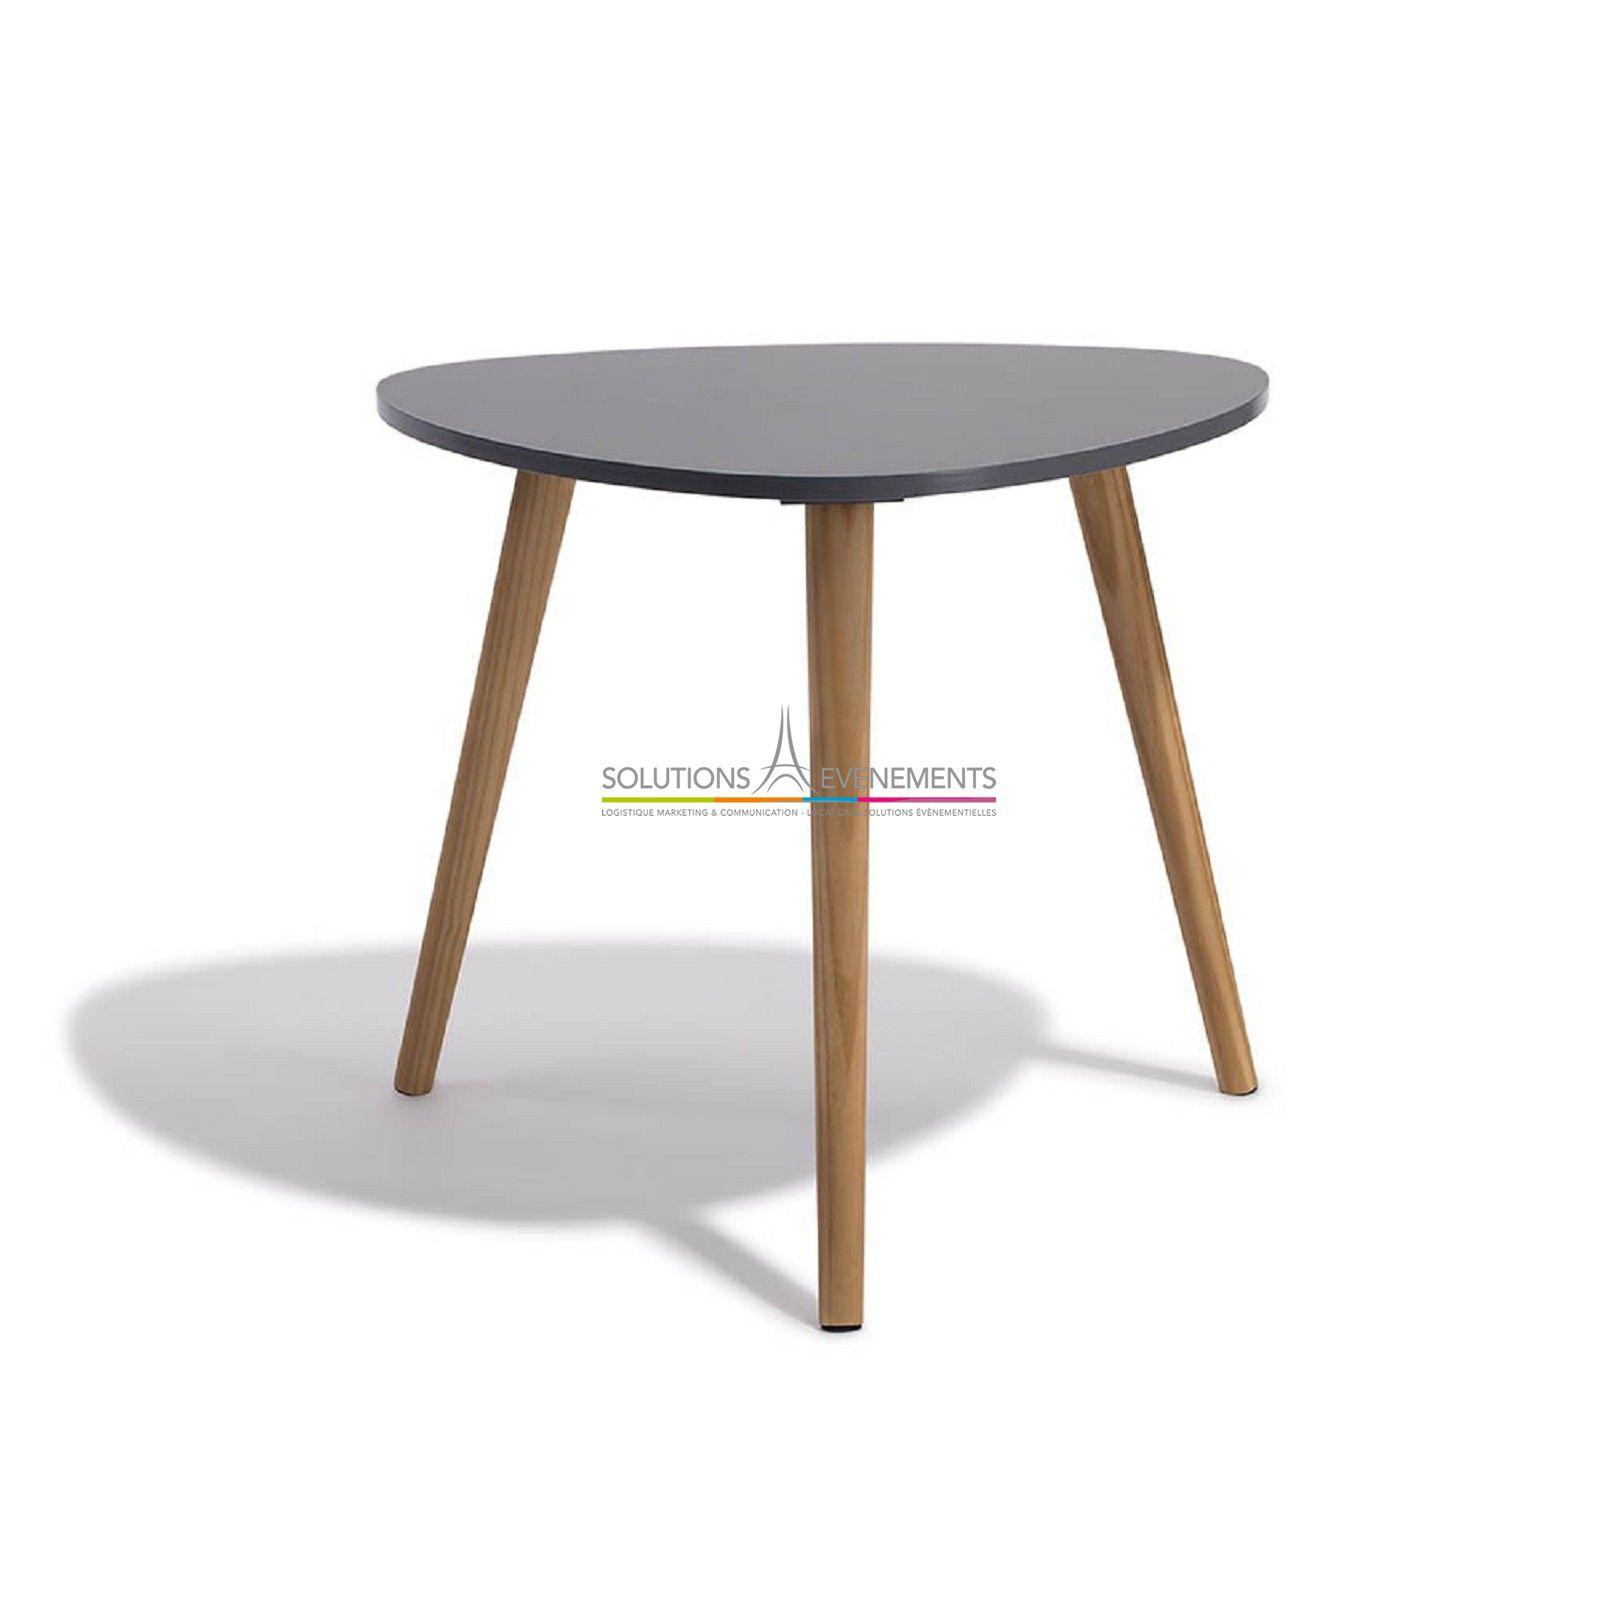 location table basse scandinave solutions v nements. Black Bedroom Furniture Sets. Home Design Ideas